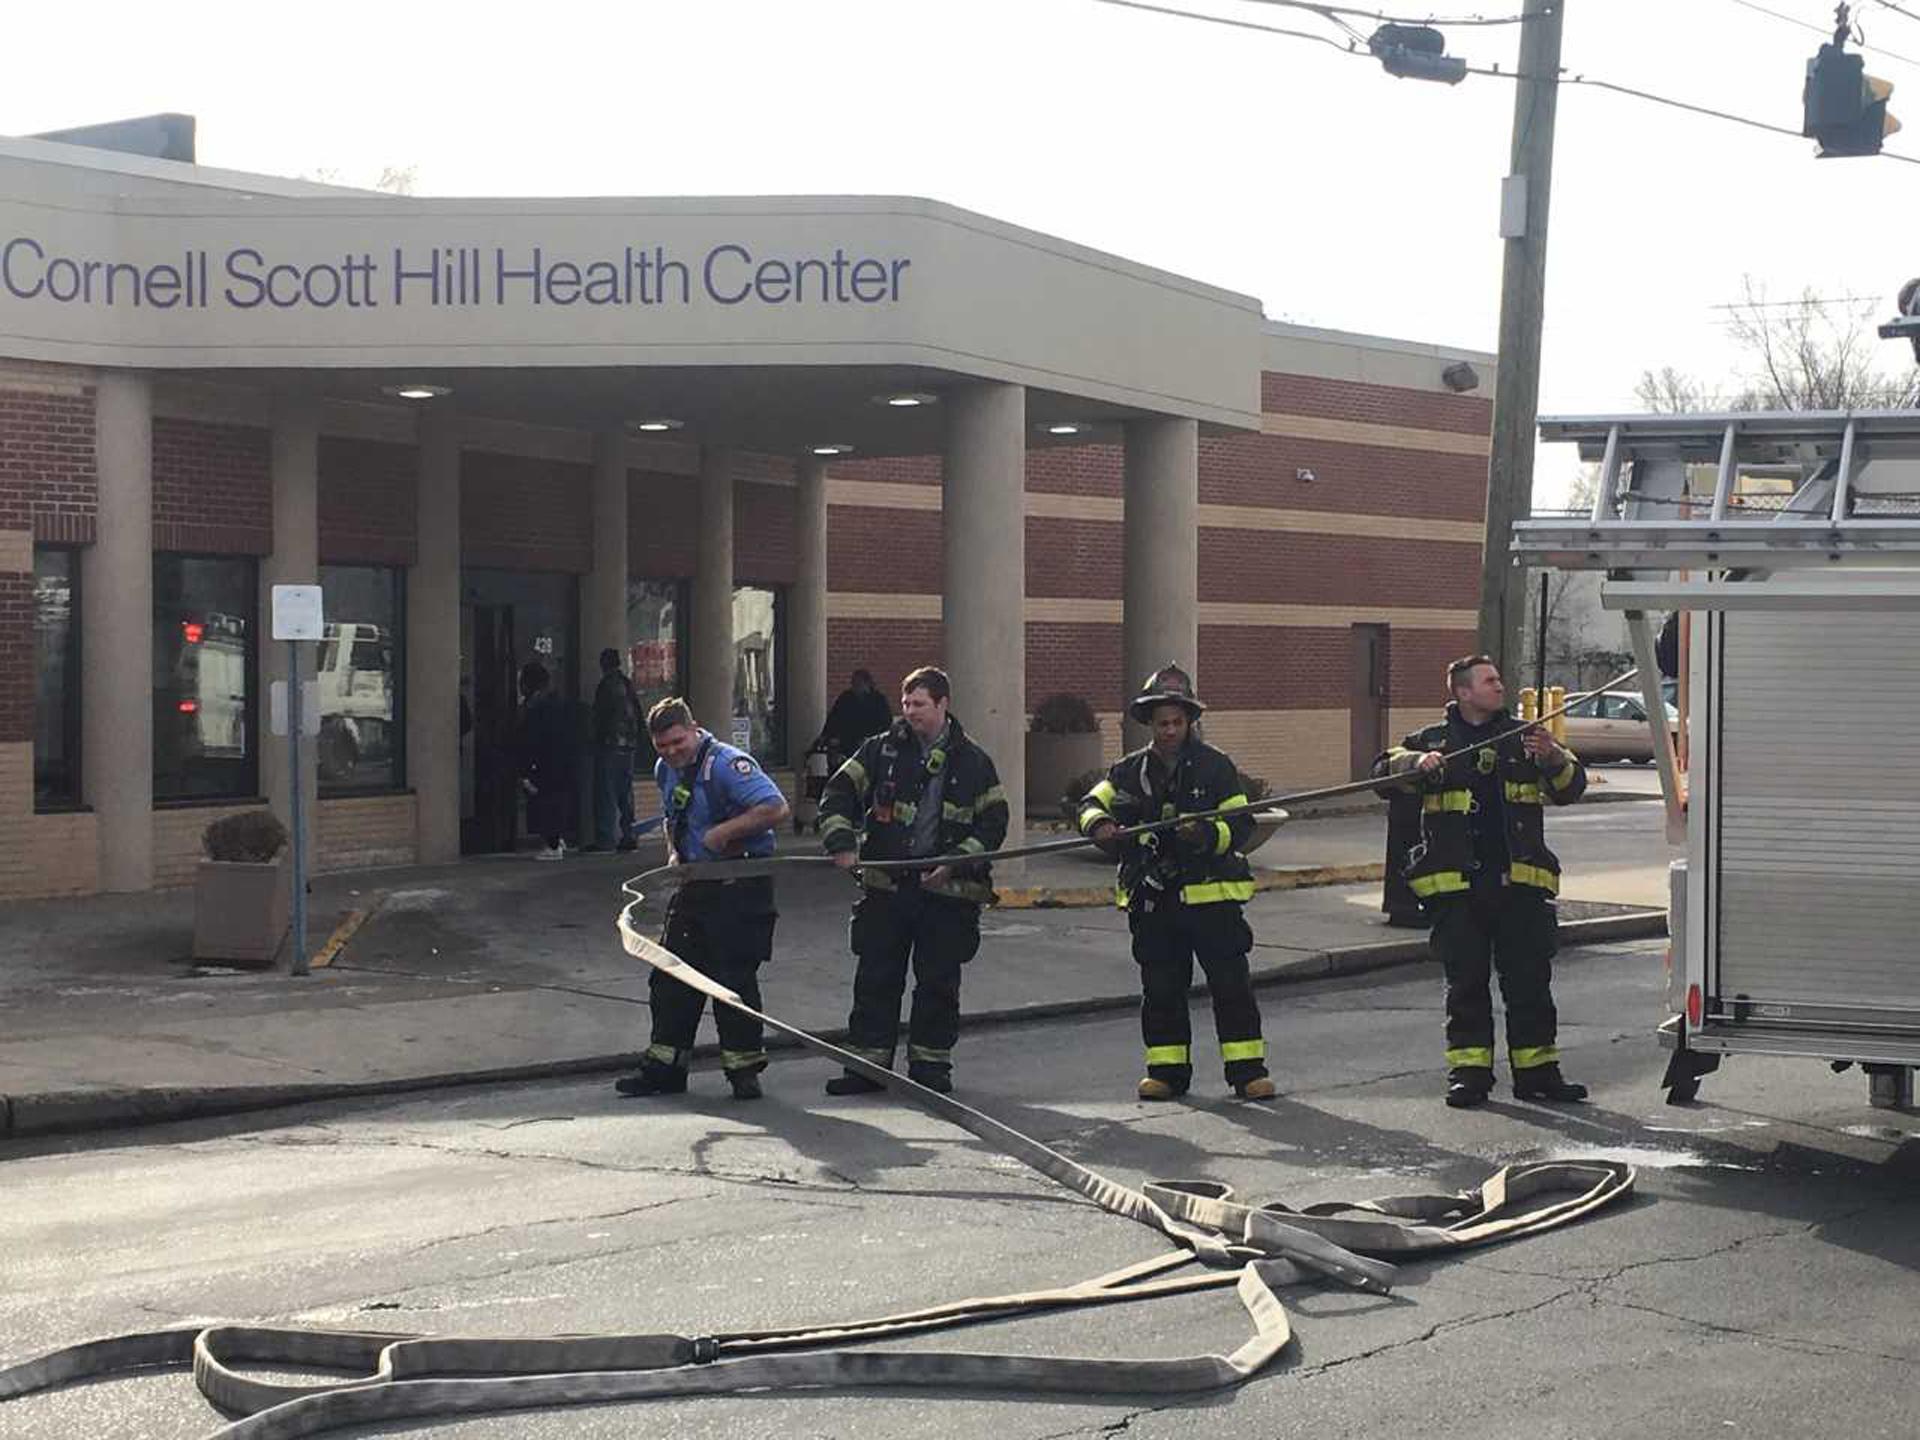 Cornell Scott Hill Health Center fire 2_6_19.jpg